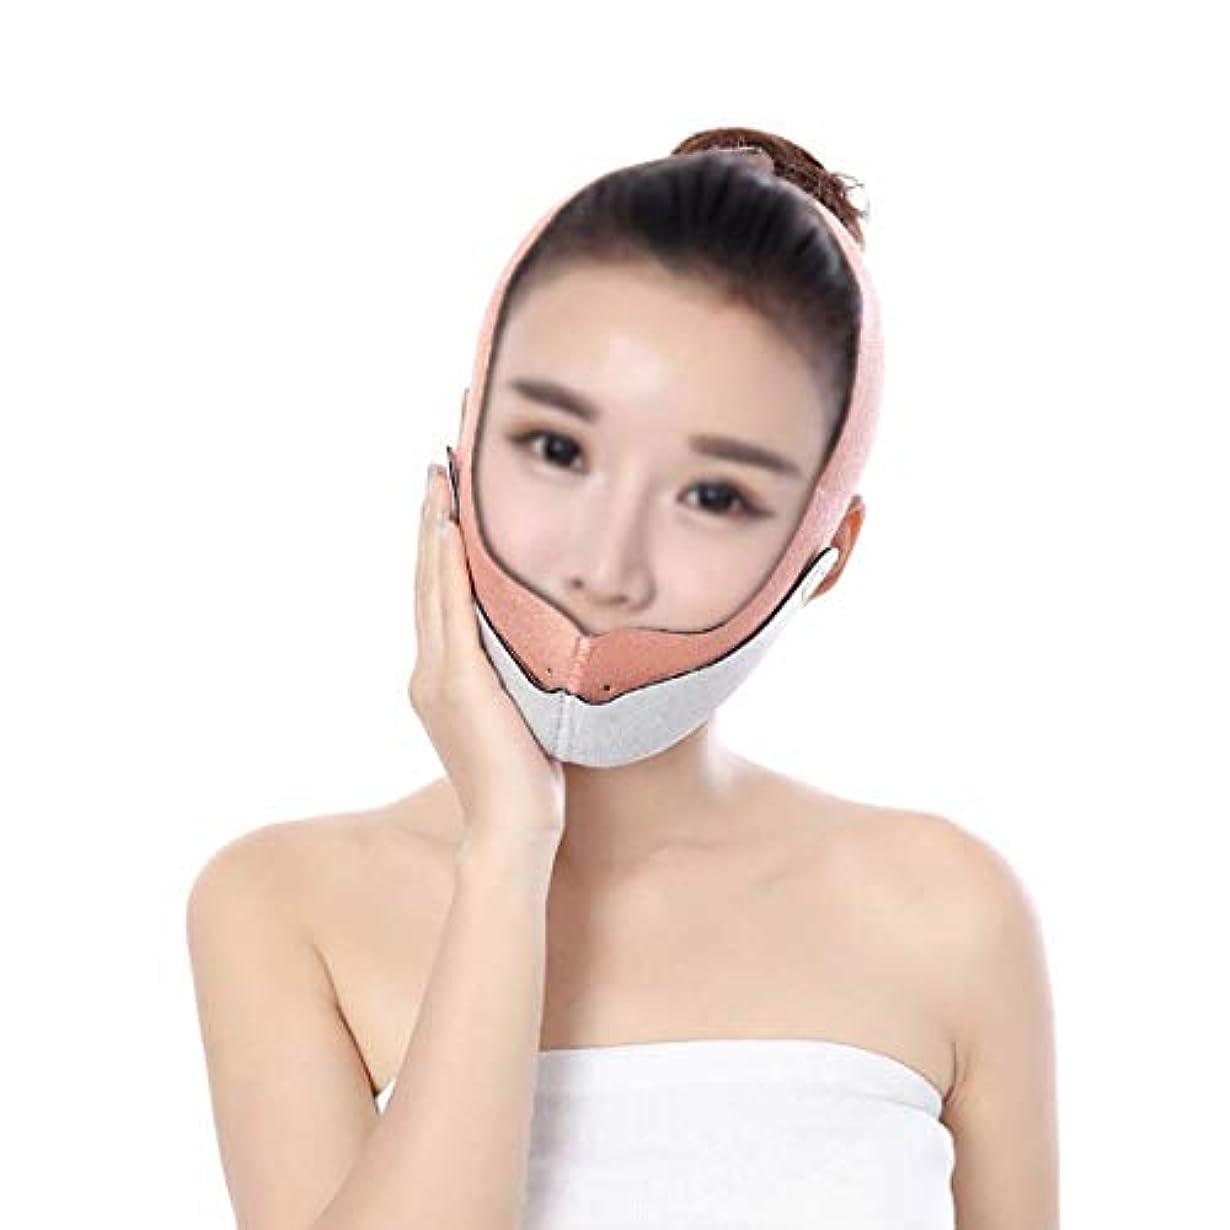 ピアース最大限遵守するファーミングフェイスマスク、フェイスリフティングアーティファクト修正フェイスリフティングベルトたるみ防止包帯美容マスクマスクV顔布ツール